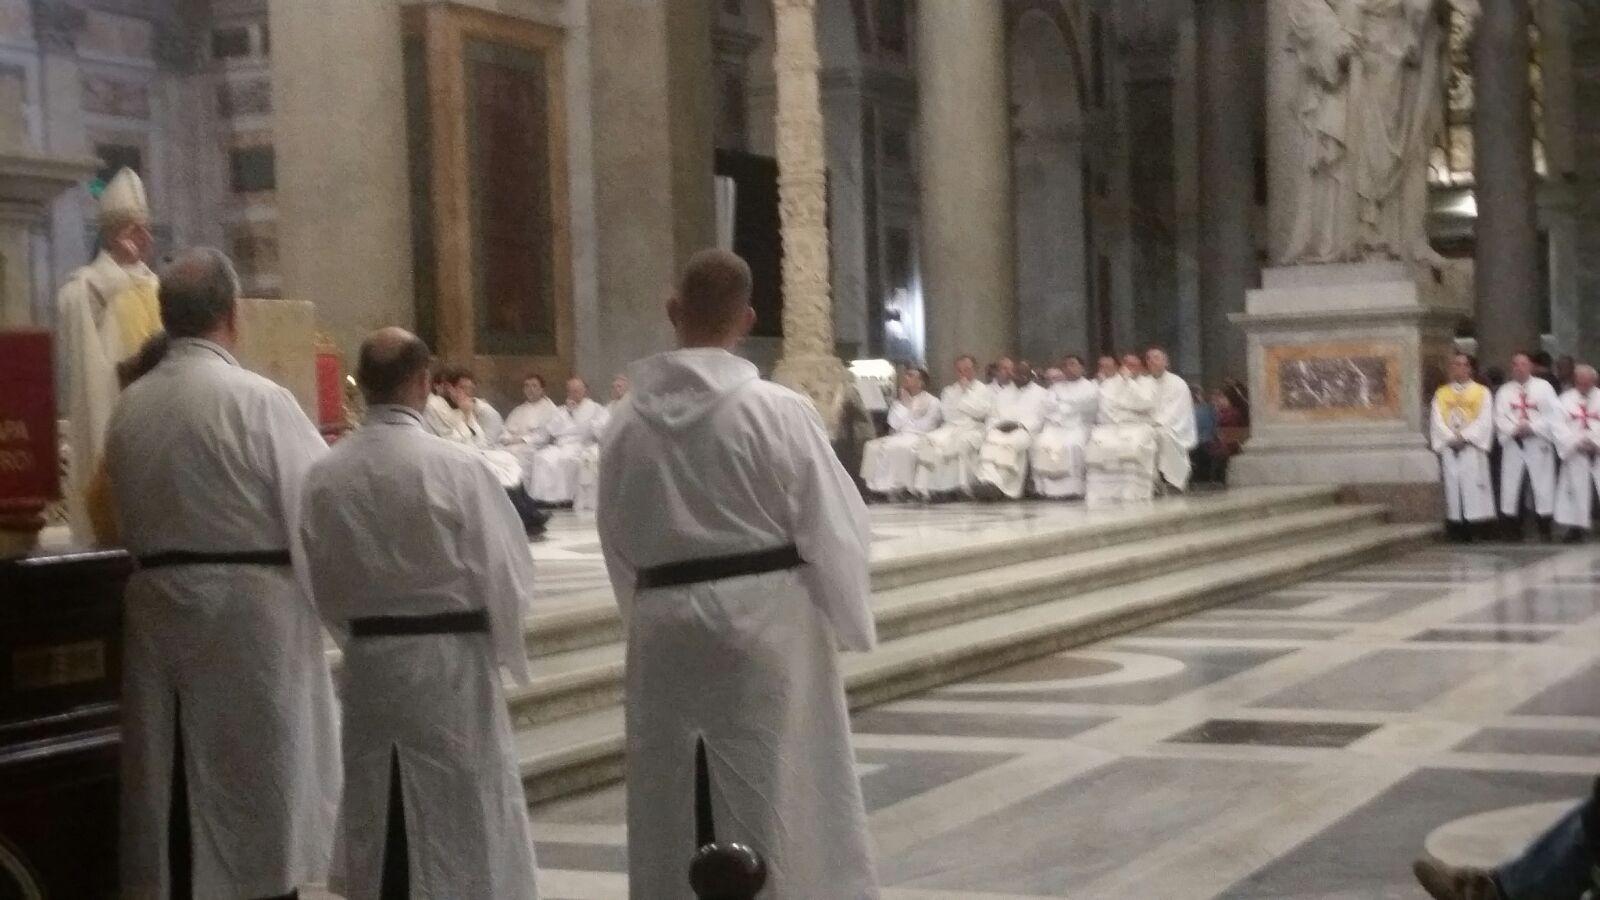 Templari Pontificio Consiglio per la Nuova Evangelizzazione